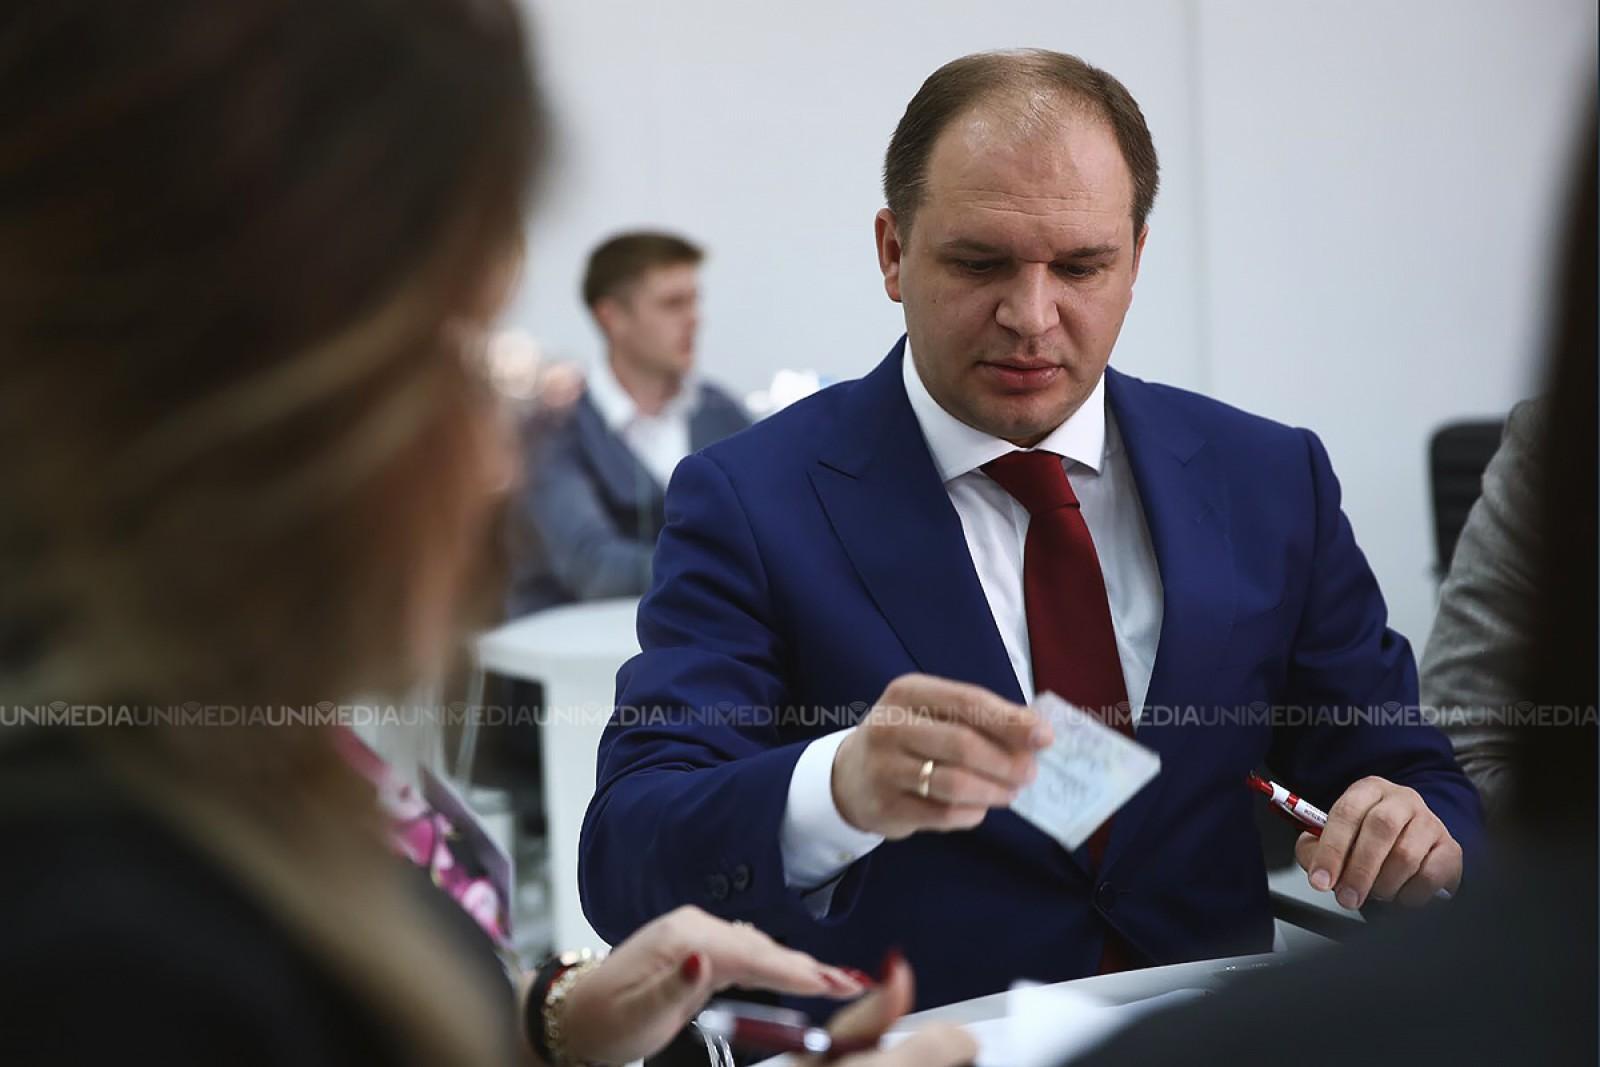 (video/foto) Candidatul PSRM, Ion Ceban a depus actele pentru a fi înregistrat la funcția de primar al capitalei